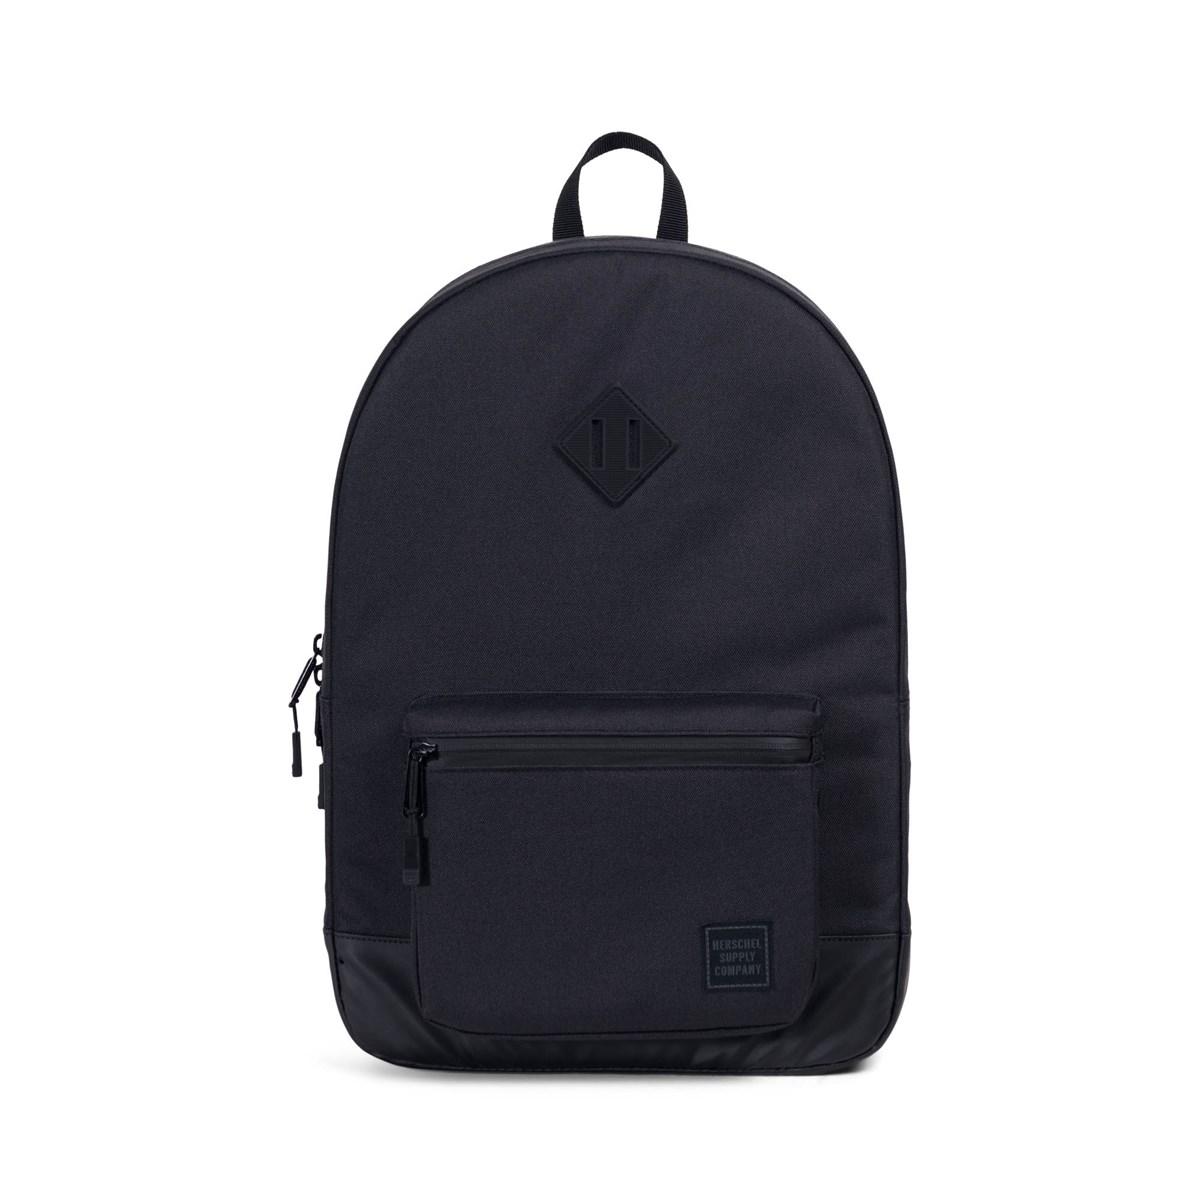 Aspect Ruskin Black Backpack